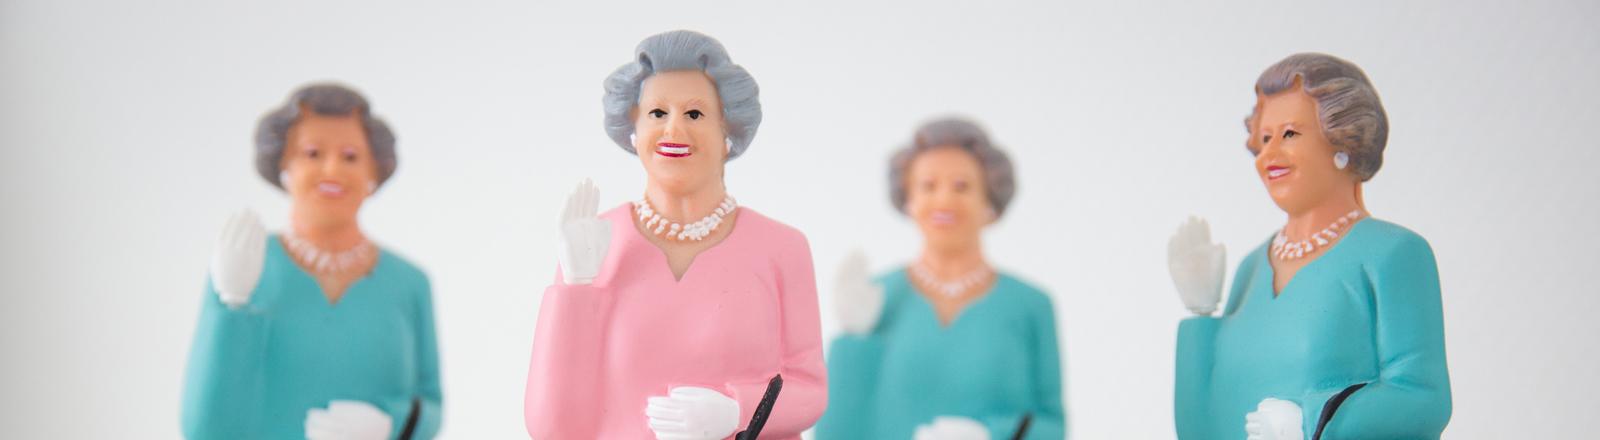 Kleine Figuren, die die britische Königin Queen Elizabeth II darstellen, stehen am 07.04.2016 in Hamburg auf einem Regal in den Räumen der Produktionsfirma des Adelsexperten Rolf Seelmann-Eggebert.